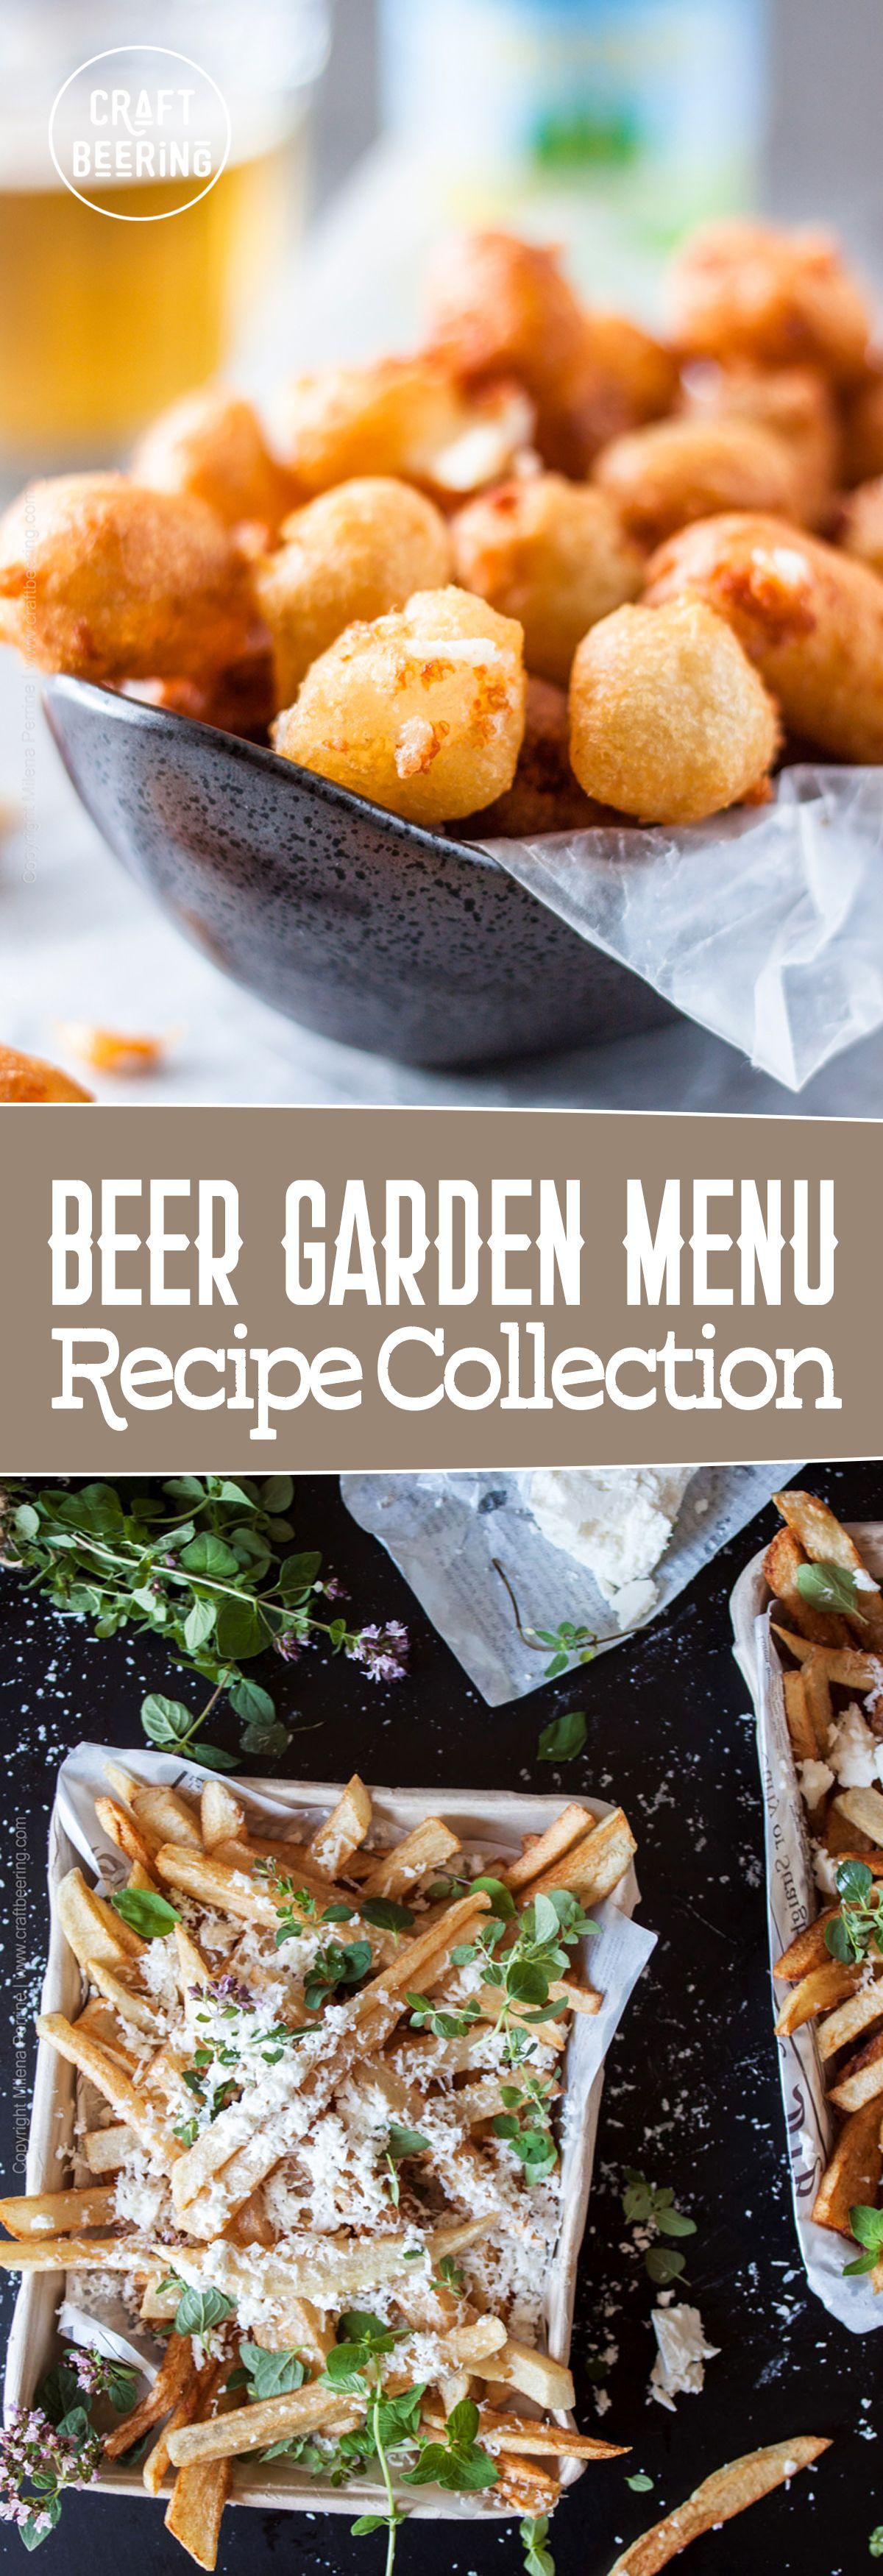 Beer Garden Menu Beer garden, Beer snacks, Light recipes